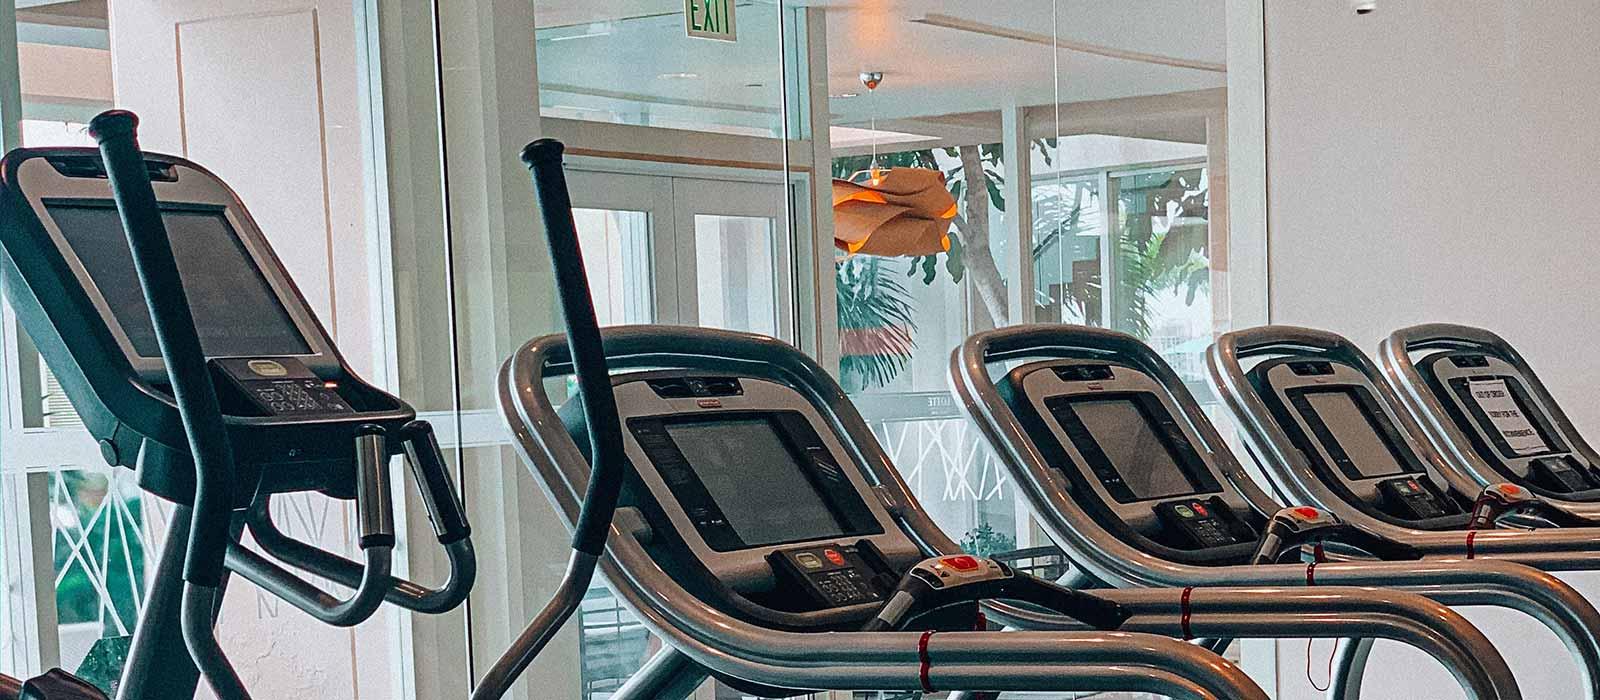 elliptical in a gym